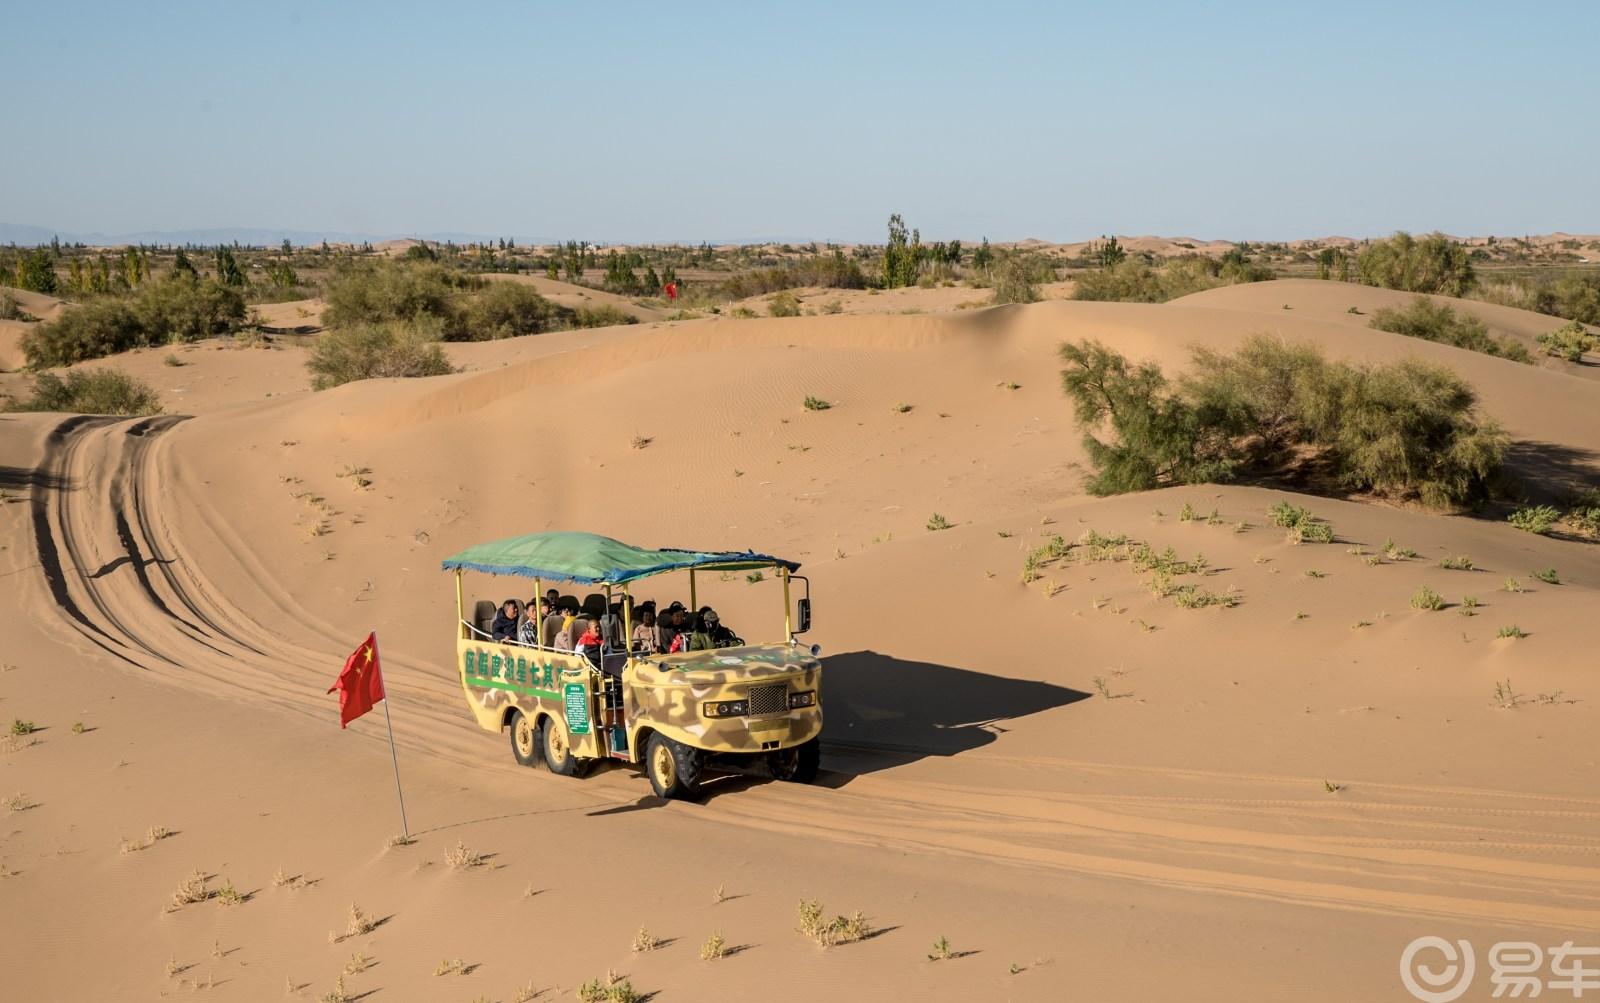 鄂尔多斯有个美丽而宽阔的沙漠——库布其沙漠